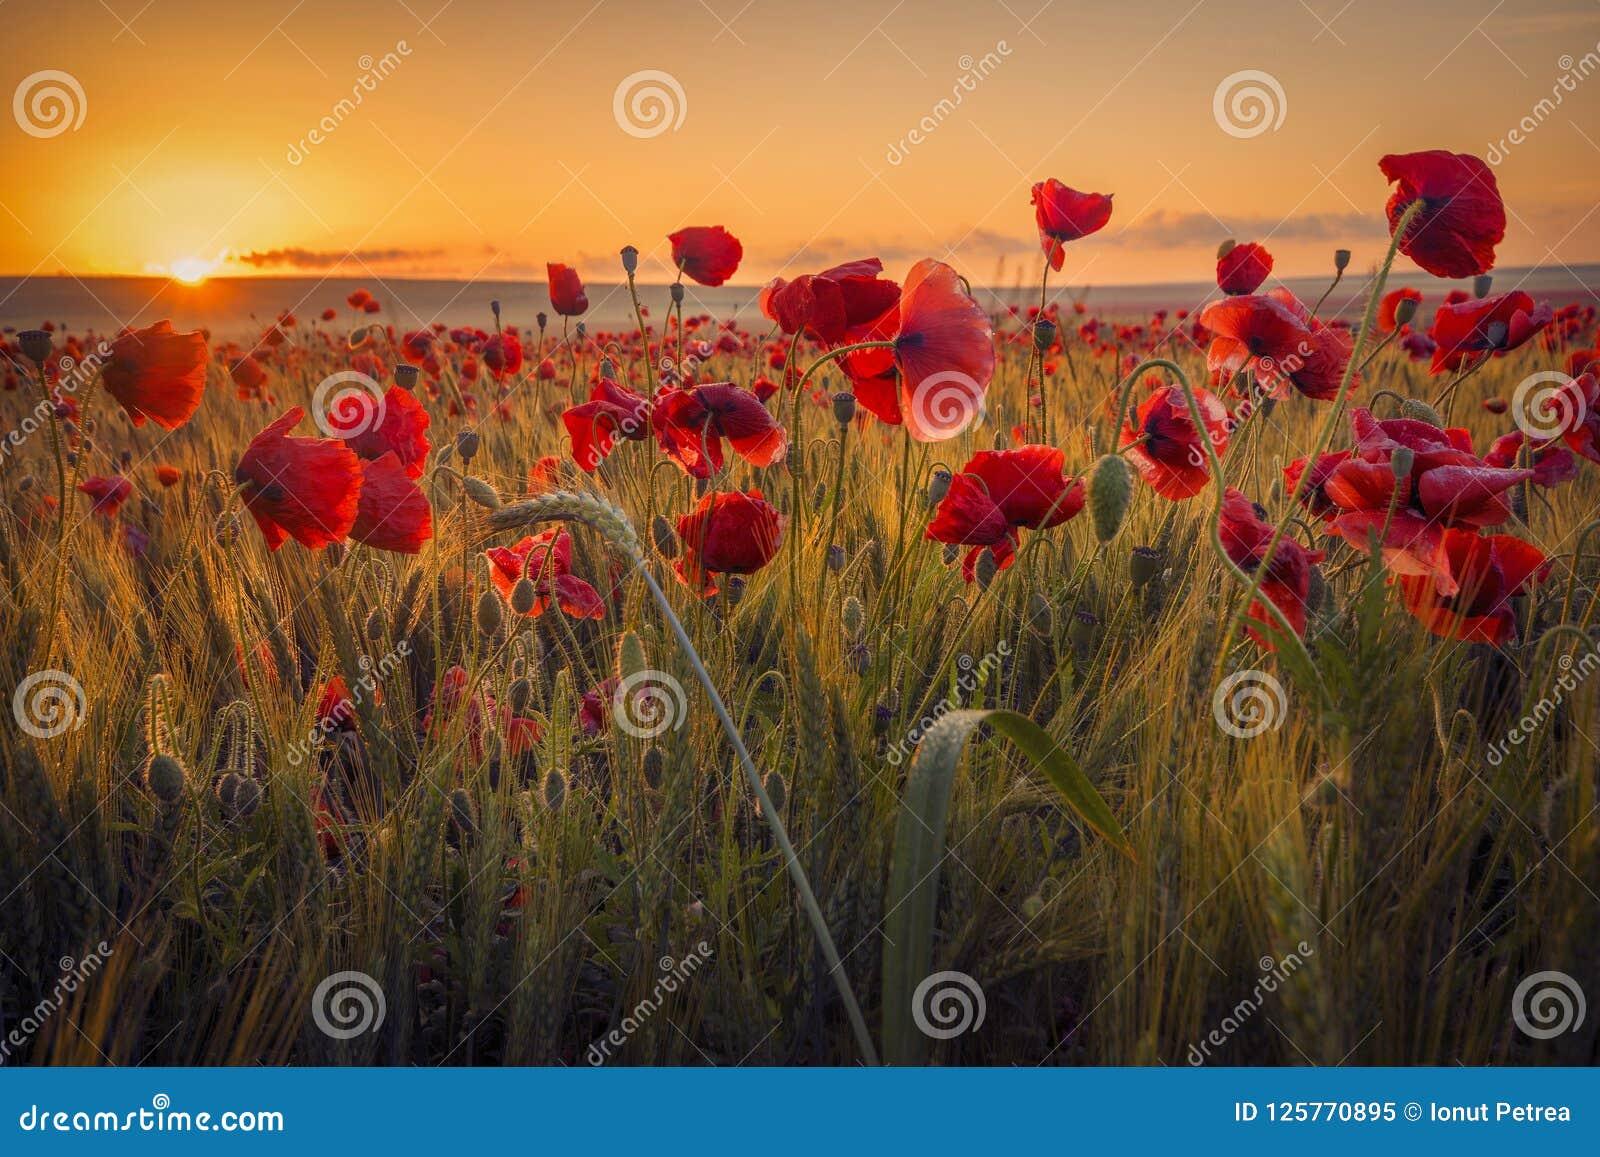 Mohnblumen auf einem Weizengebiet